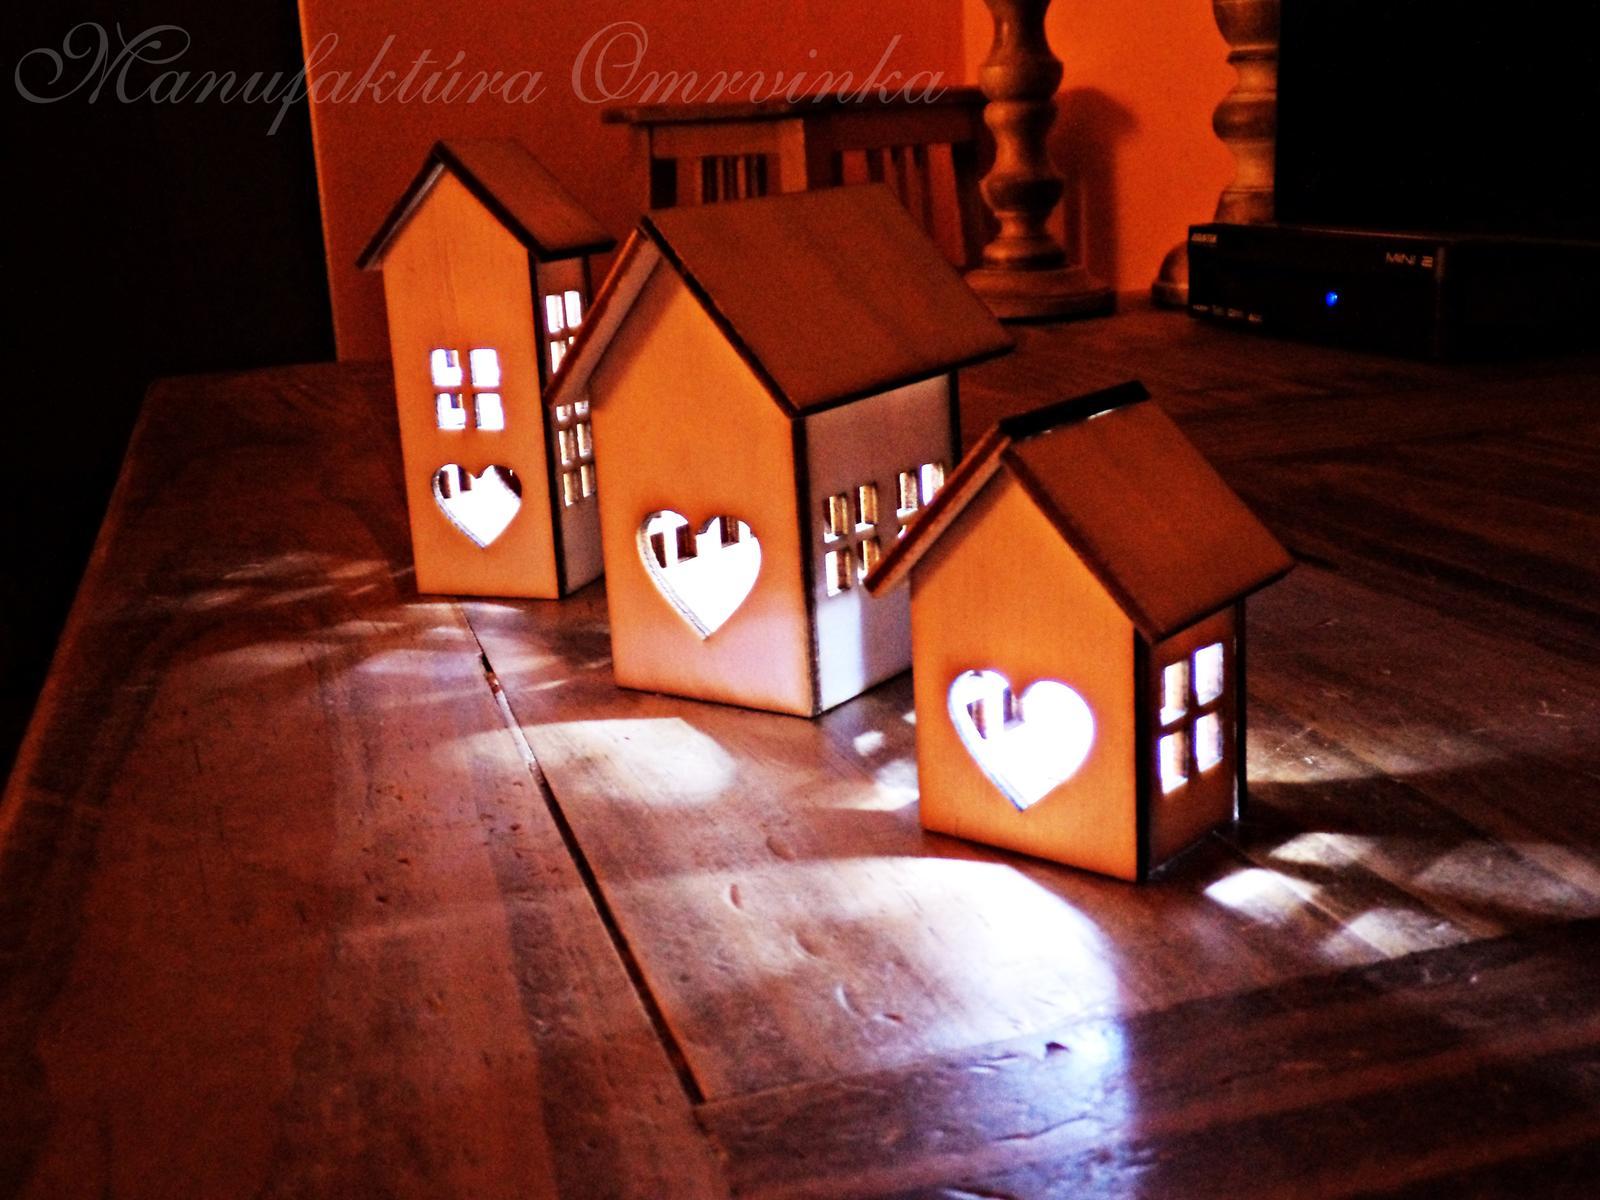 Domčeky-voľne stojace svetielka - Dajú sa použiť ku svadobnej výzdobe, len tak pre radosť ako mini svetielko na parapetu, poličku, hocikam :) Sú malé milé ako všetky moje omrvinky :) Dostupné v troch rôznych veľkostiach :)